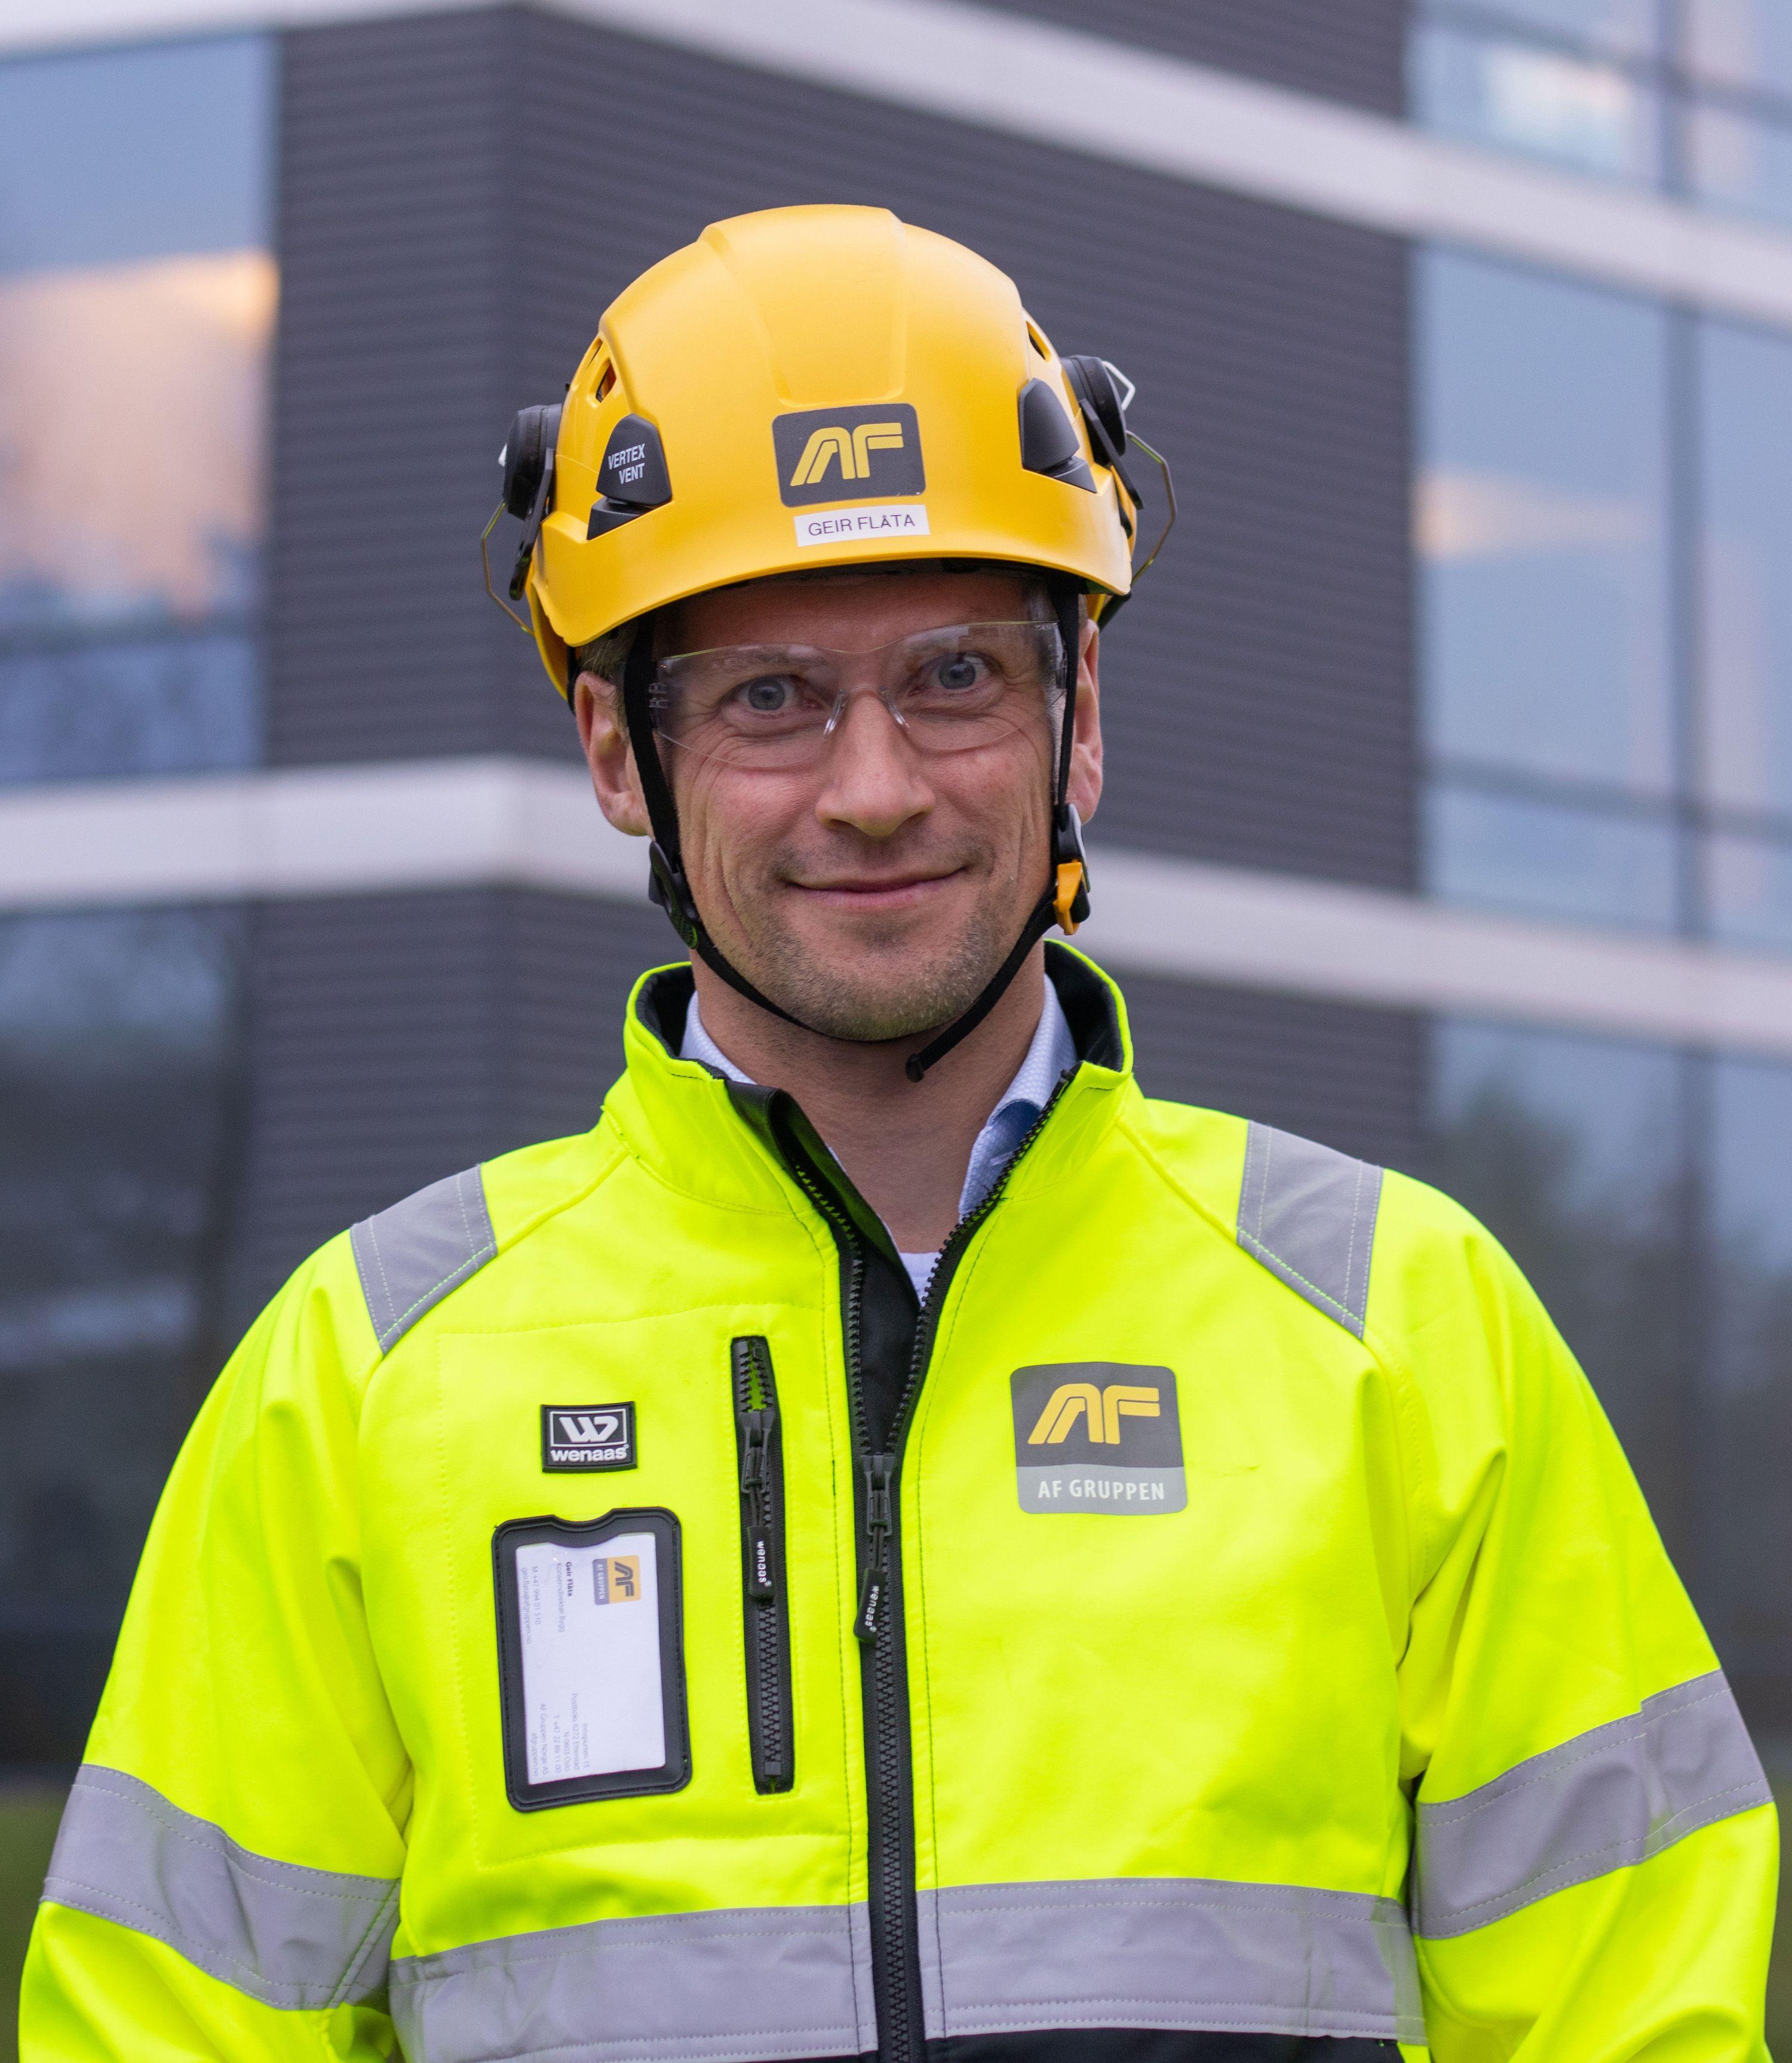 Geir Flåta, konserndirektør i AF Gruppen. Foto: AF Gruppen.